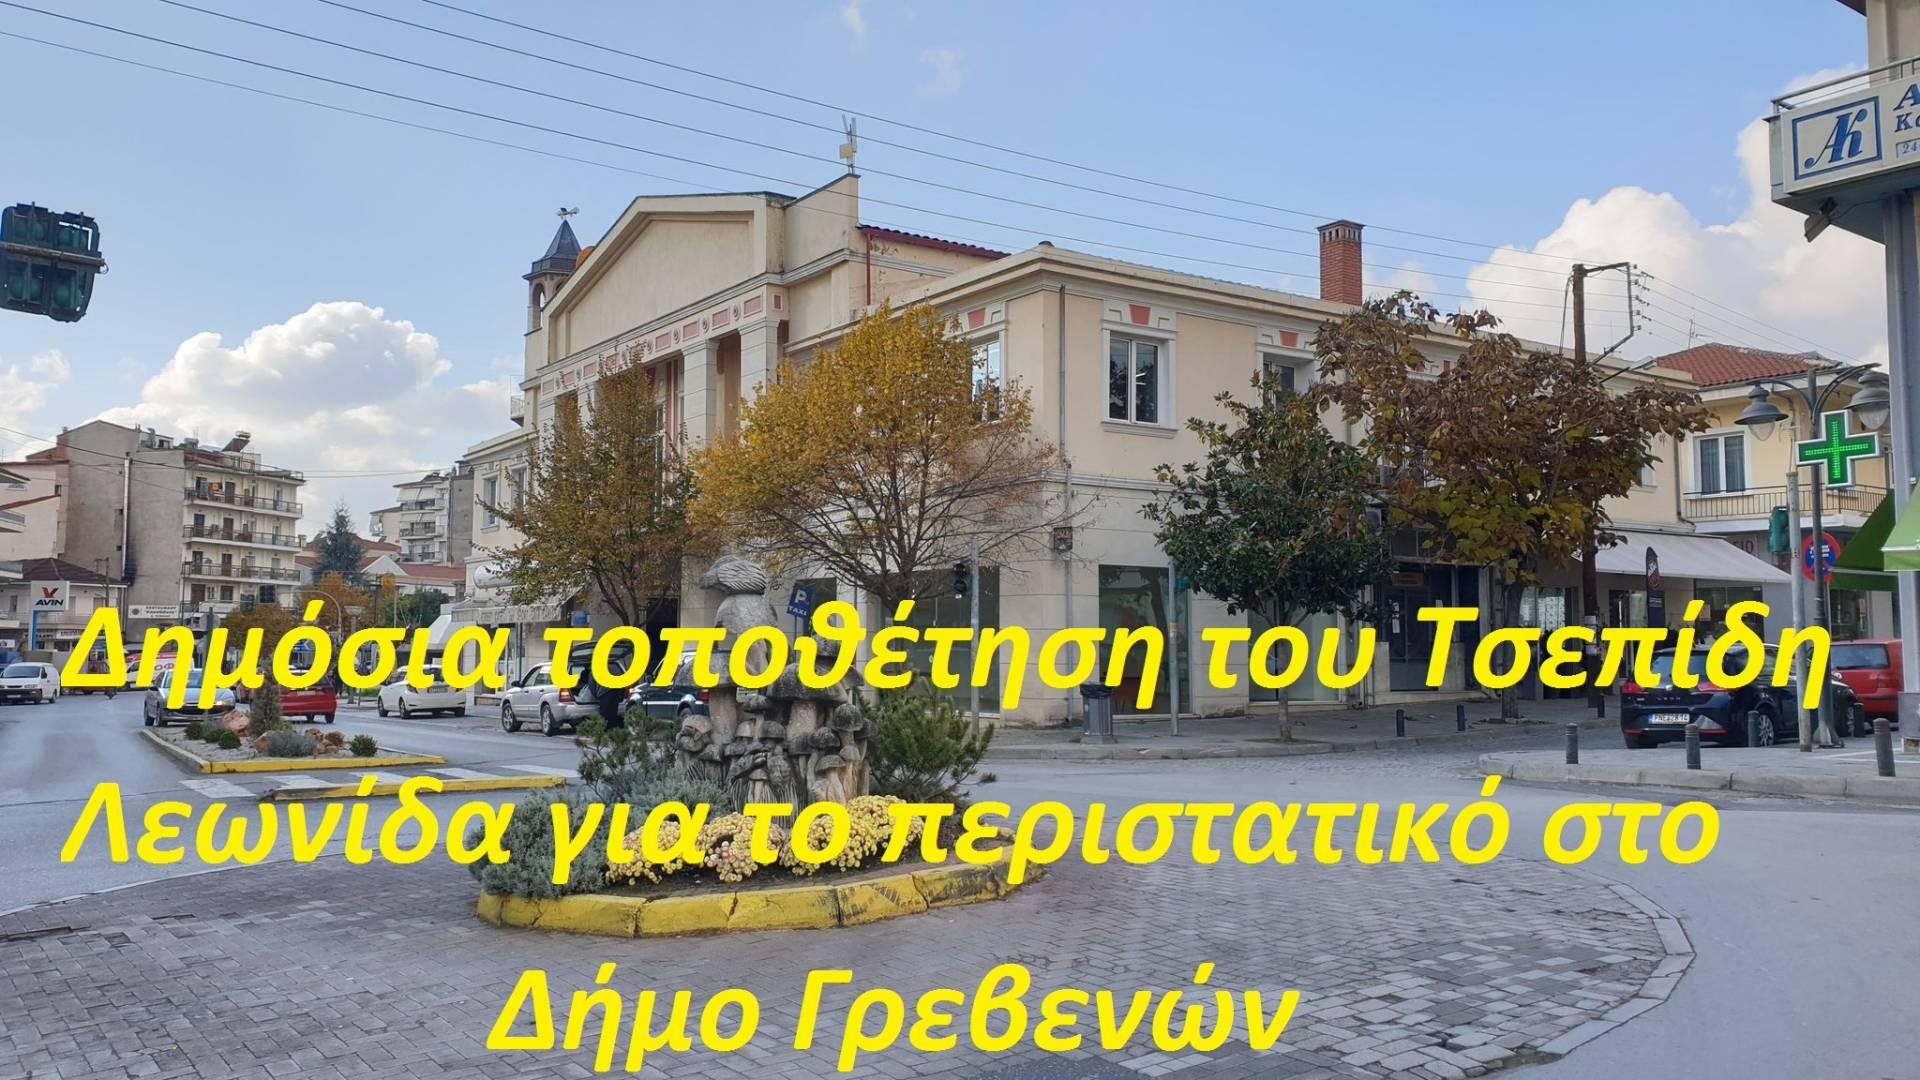 Δημόσια τοποθέτηση του Τσεπίδη Λεωνίδα για το περιστατικό στο Δήμο Γρεβενών